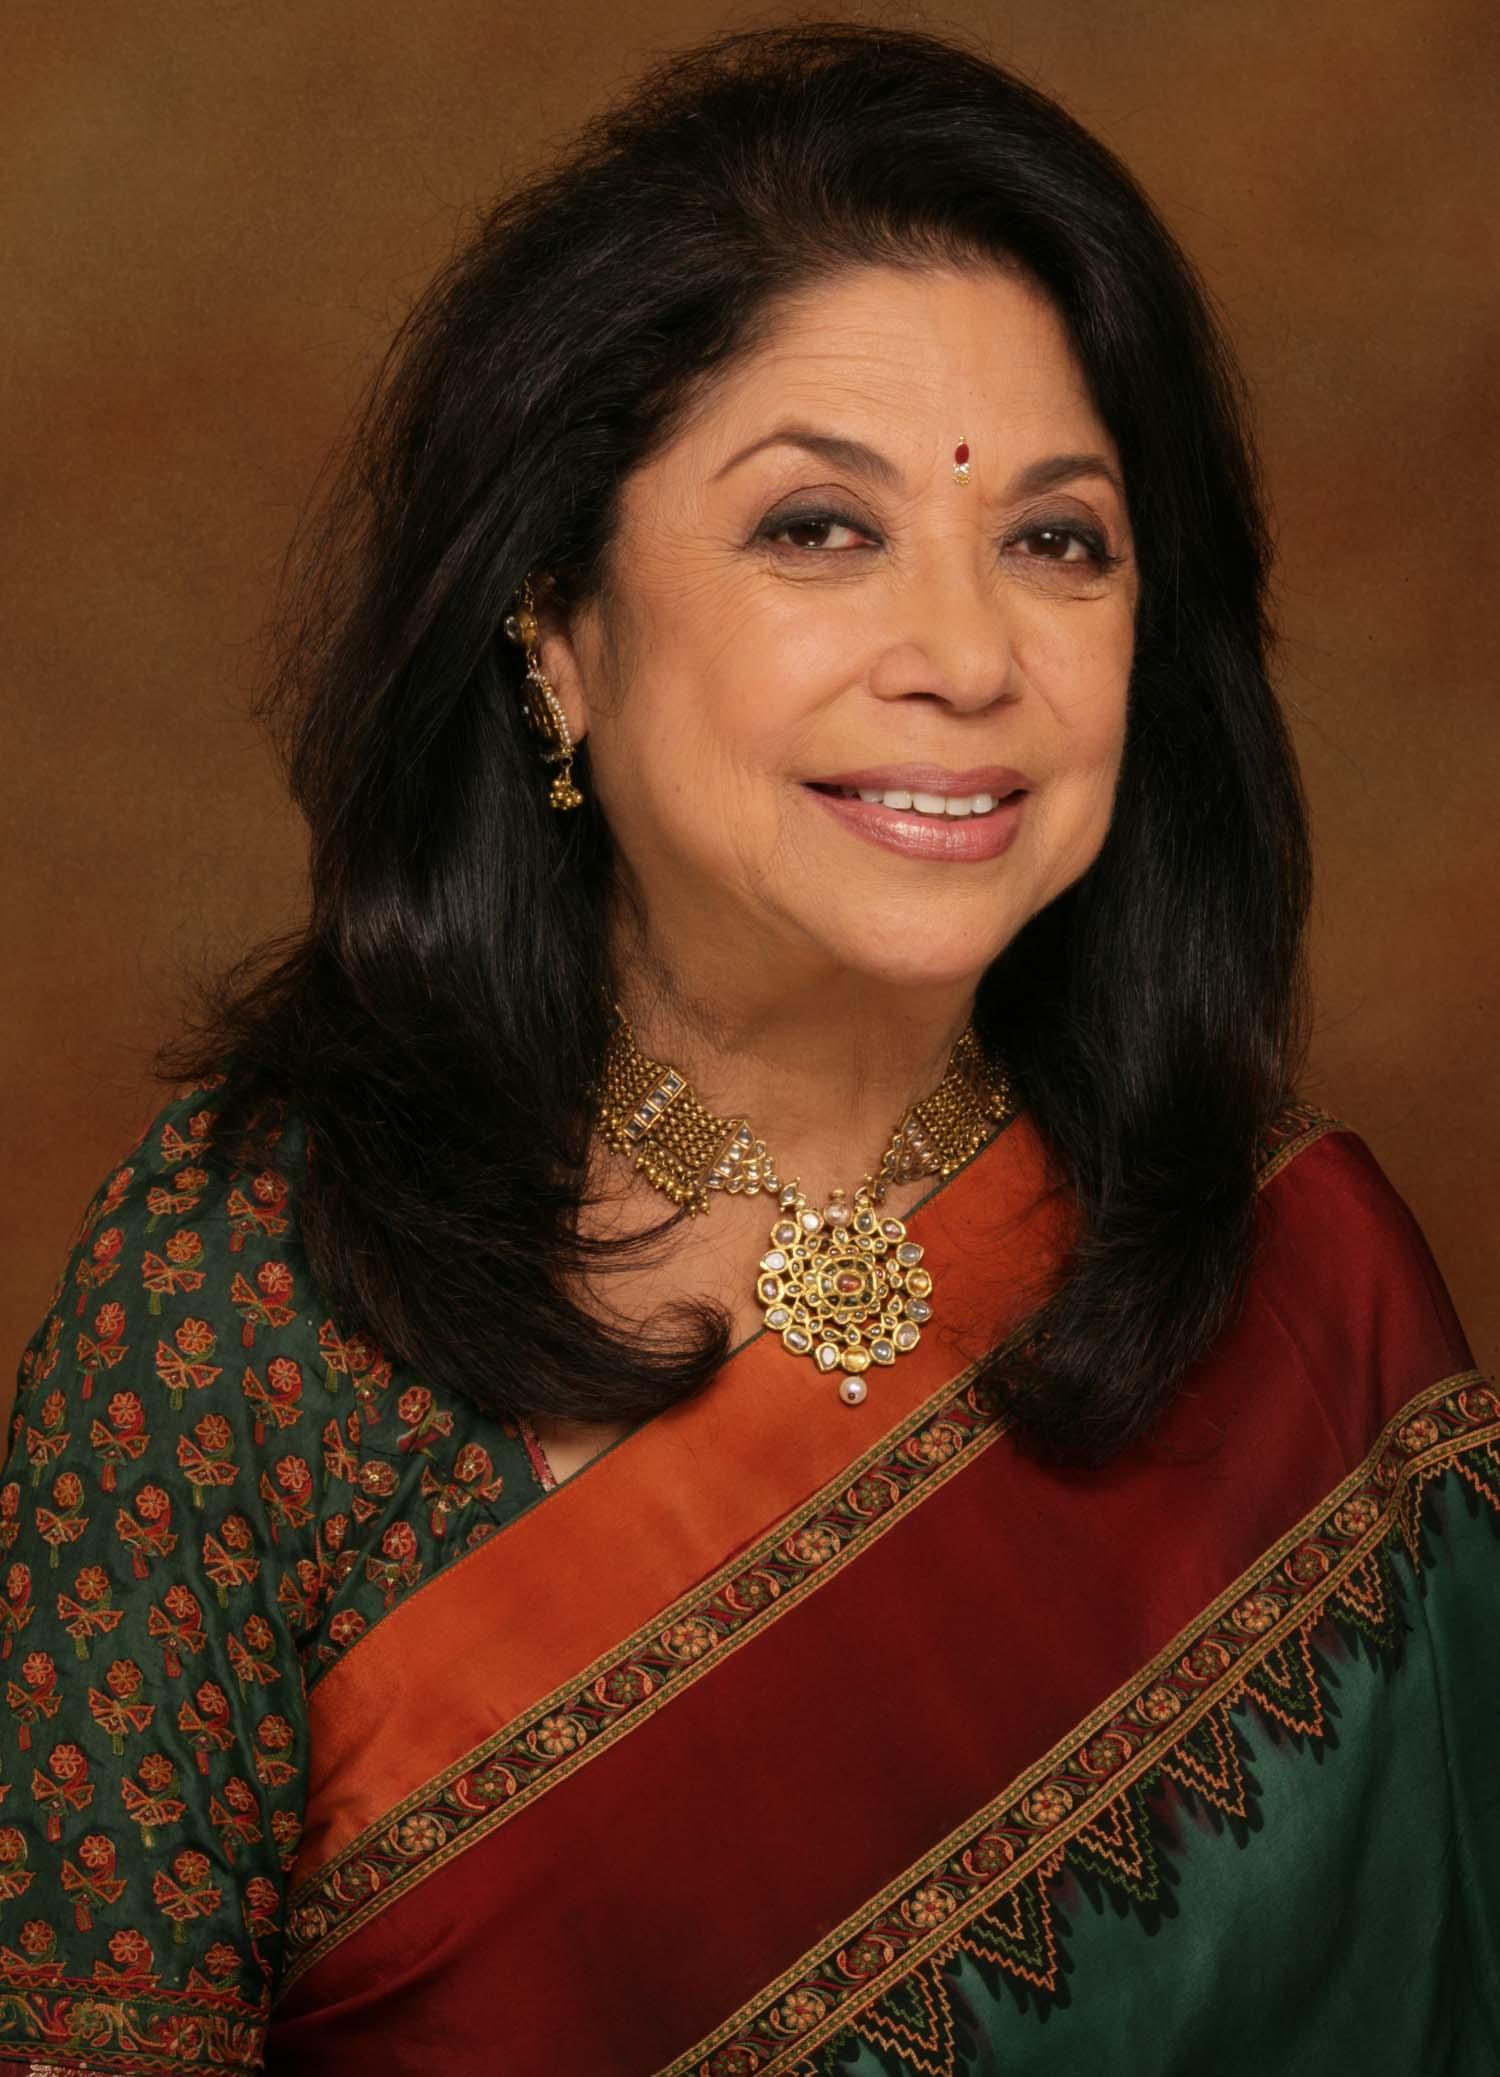 Ritu-Kumar-Horn-ok-please